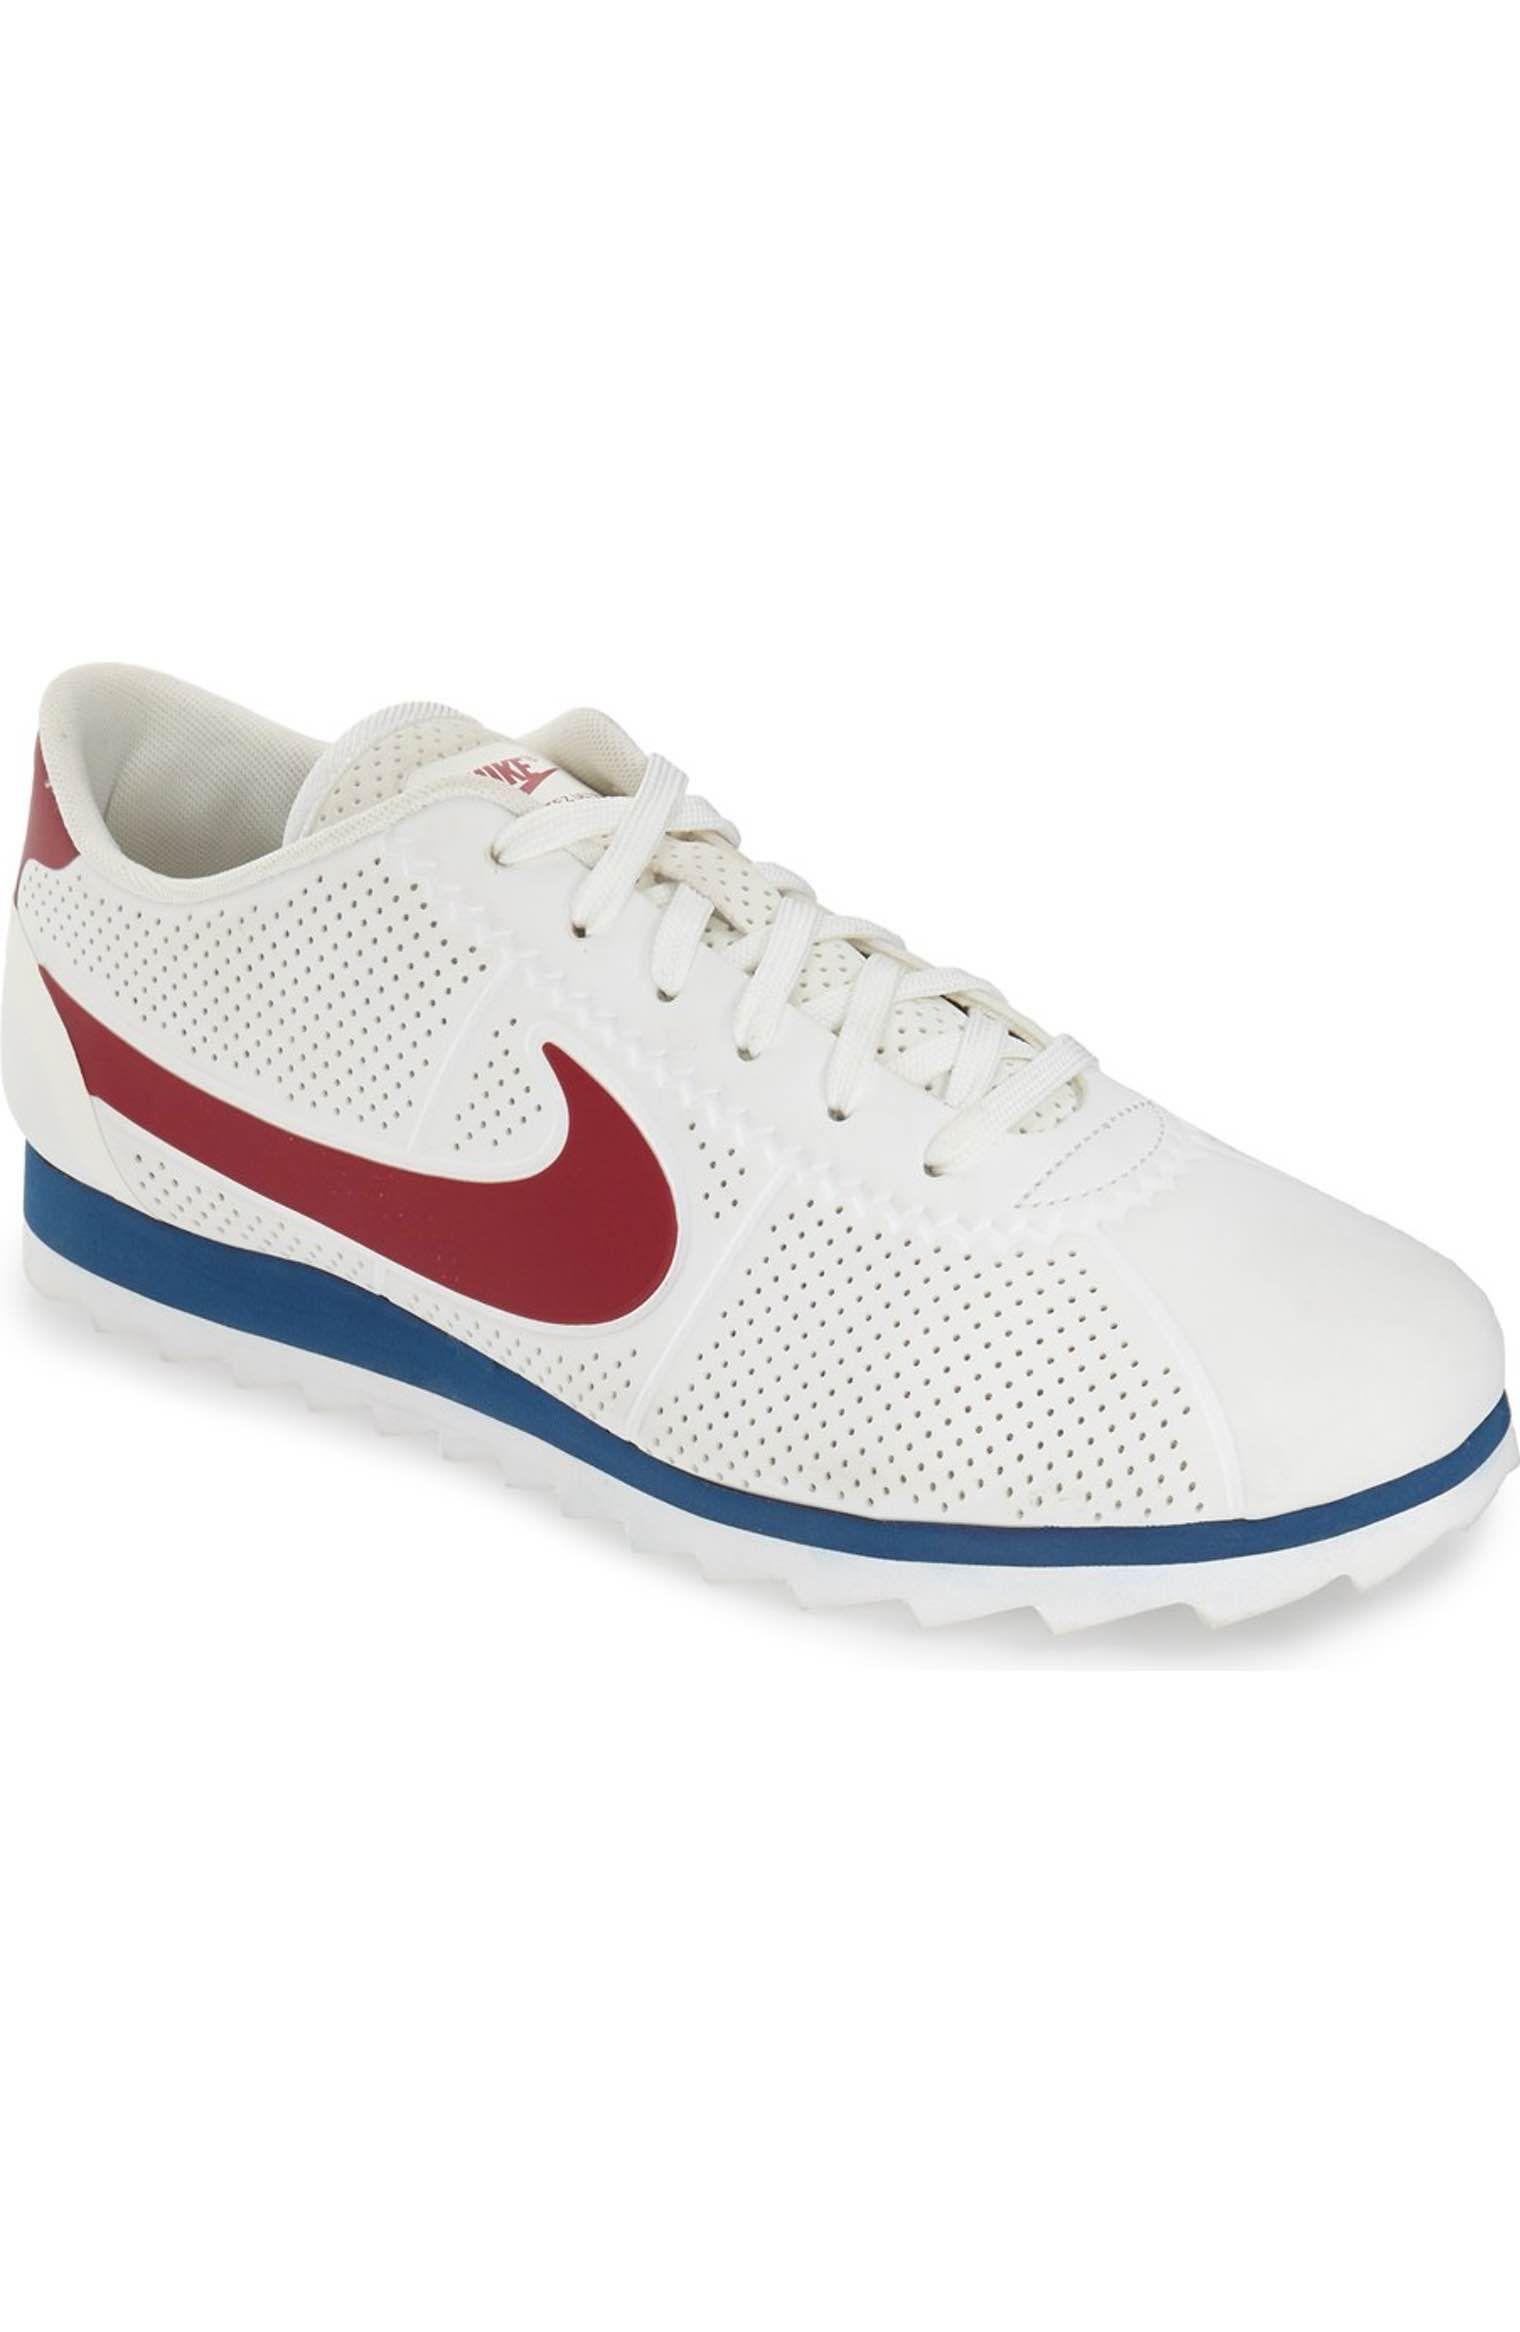 0534751d9b7 Main Image - Nike  Cortez Ultra Moire  Sneaker (Women)